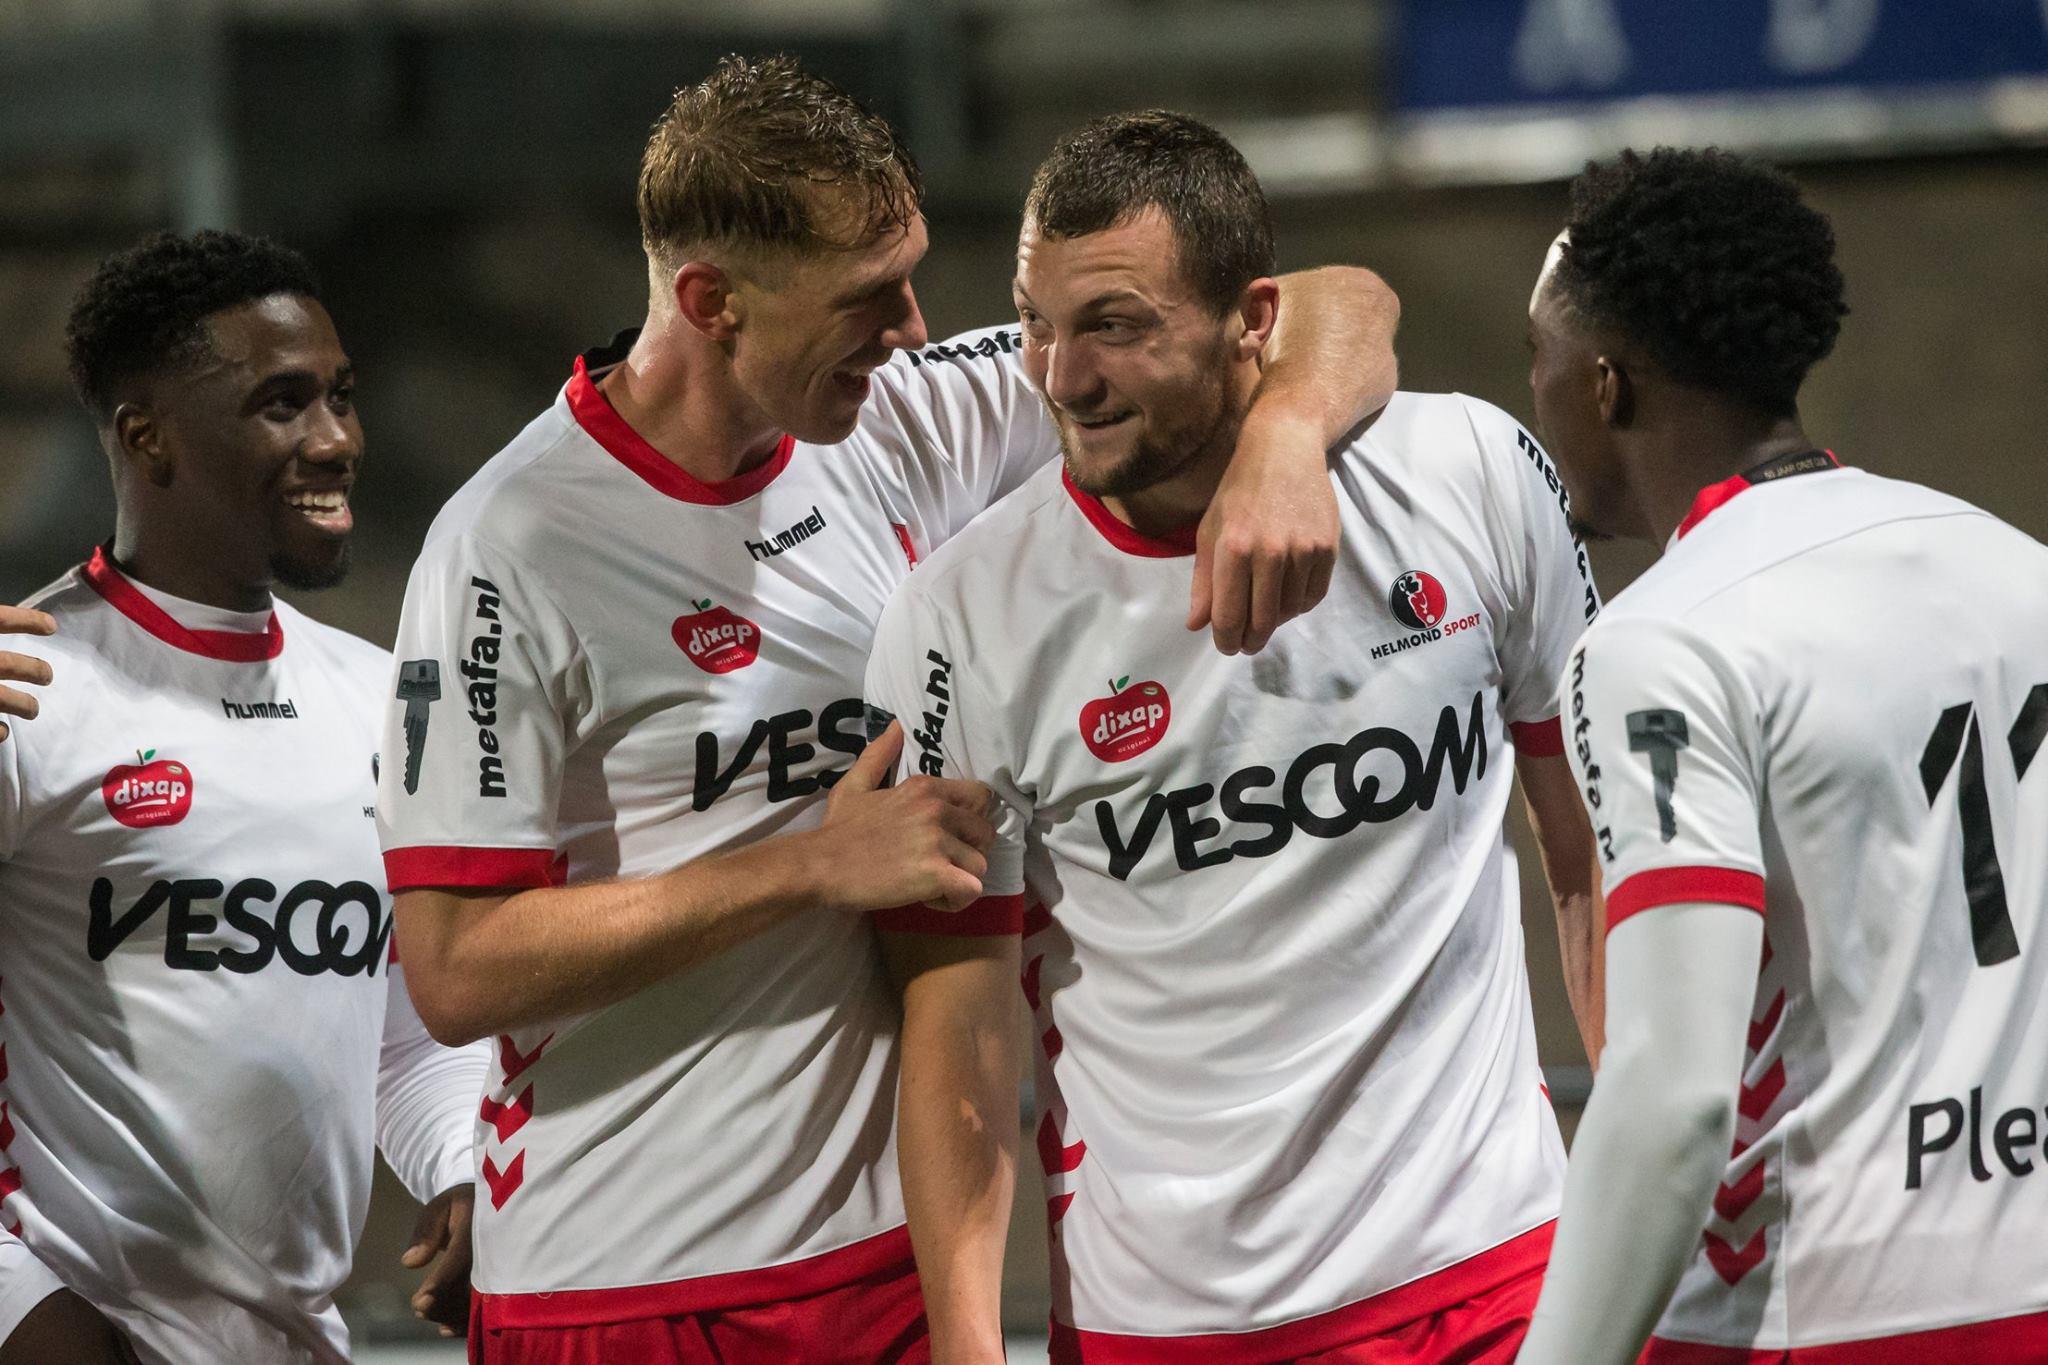 Olanda Eerste Divisie, Jong Ajax-Helmond 17 settembre: analisi e pronostico della giornata della seconda divisione calcistica olandese